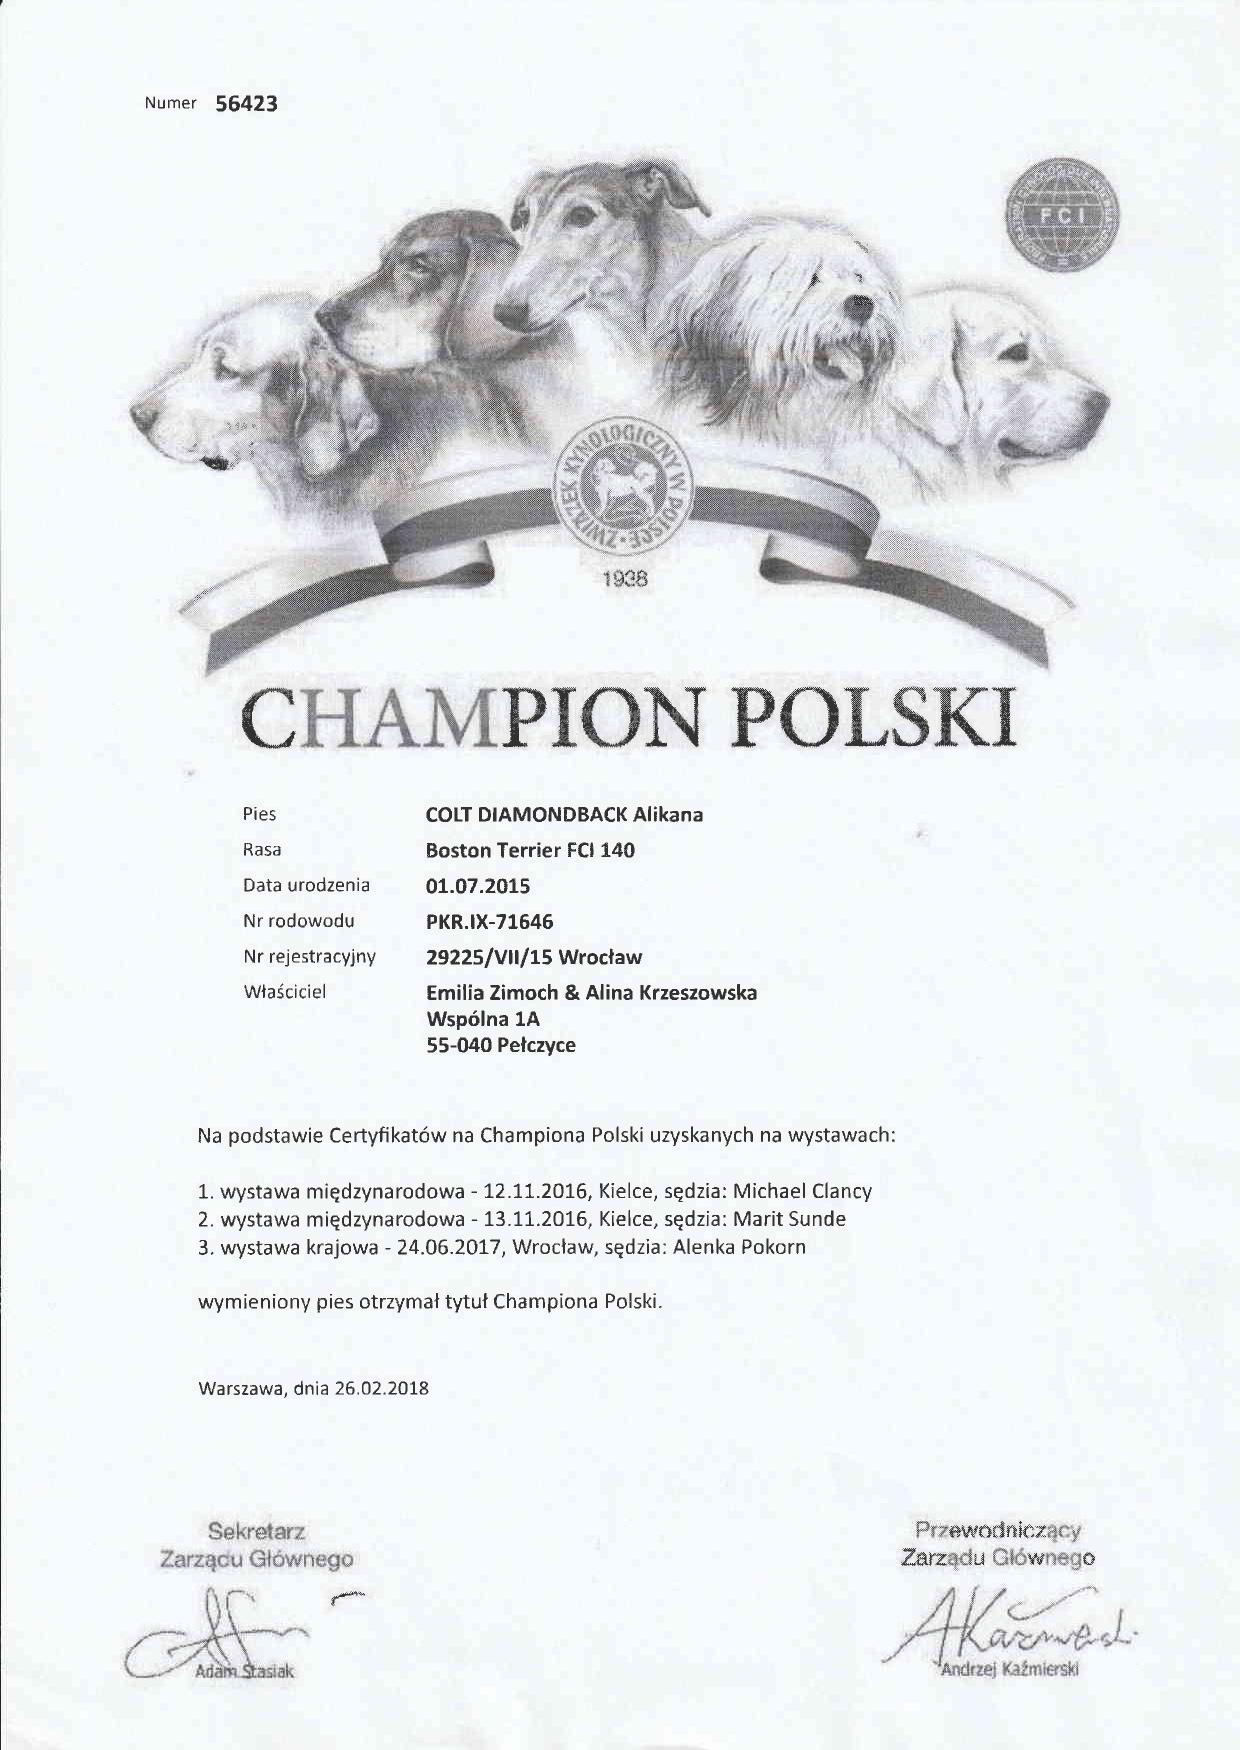 Colt Diamondback Alikana polnischer Champion